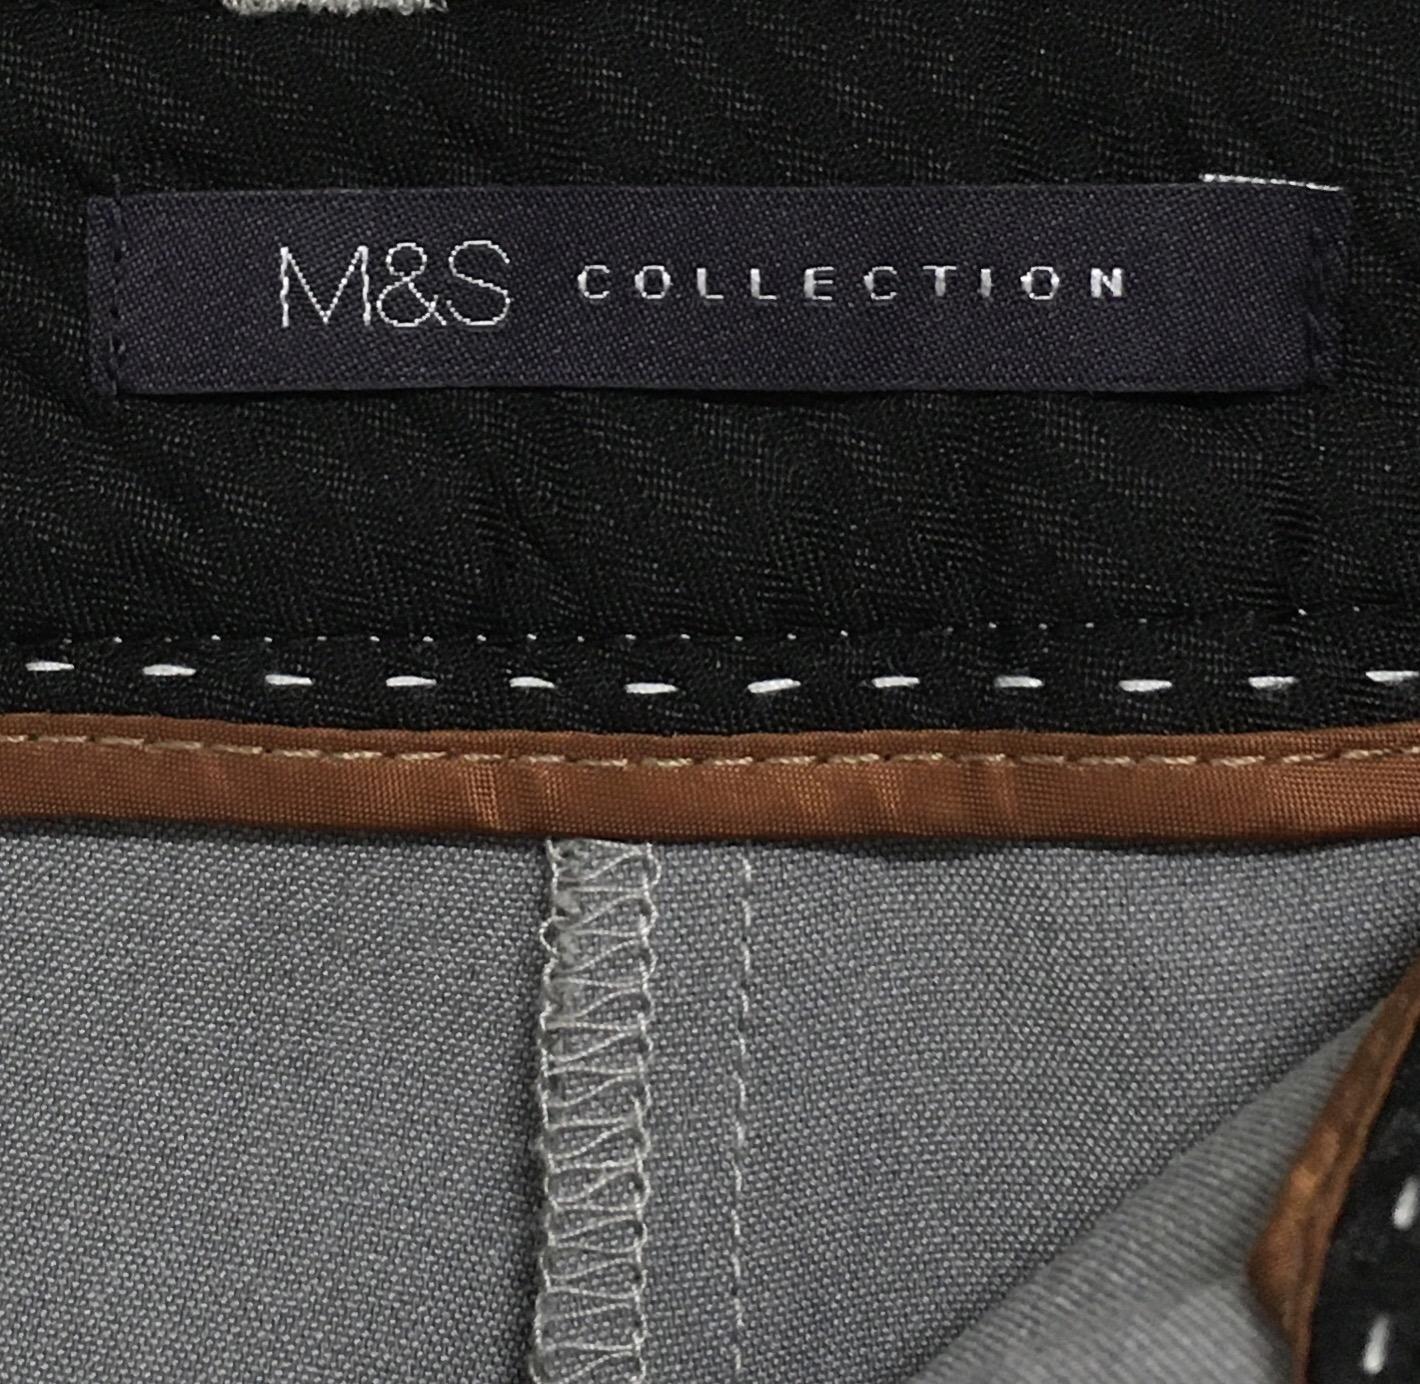 Housut M&S Collection 42 Vähänkäytetty.fi